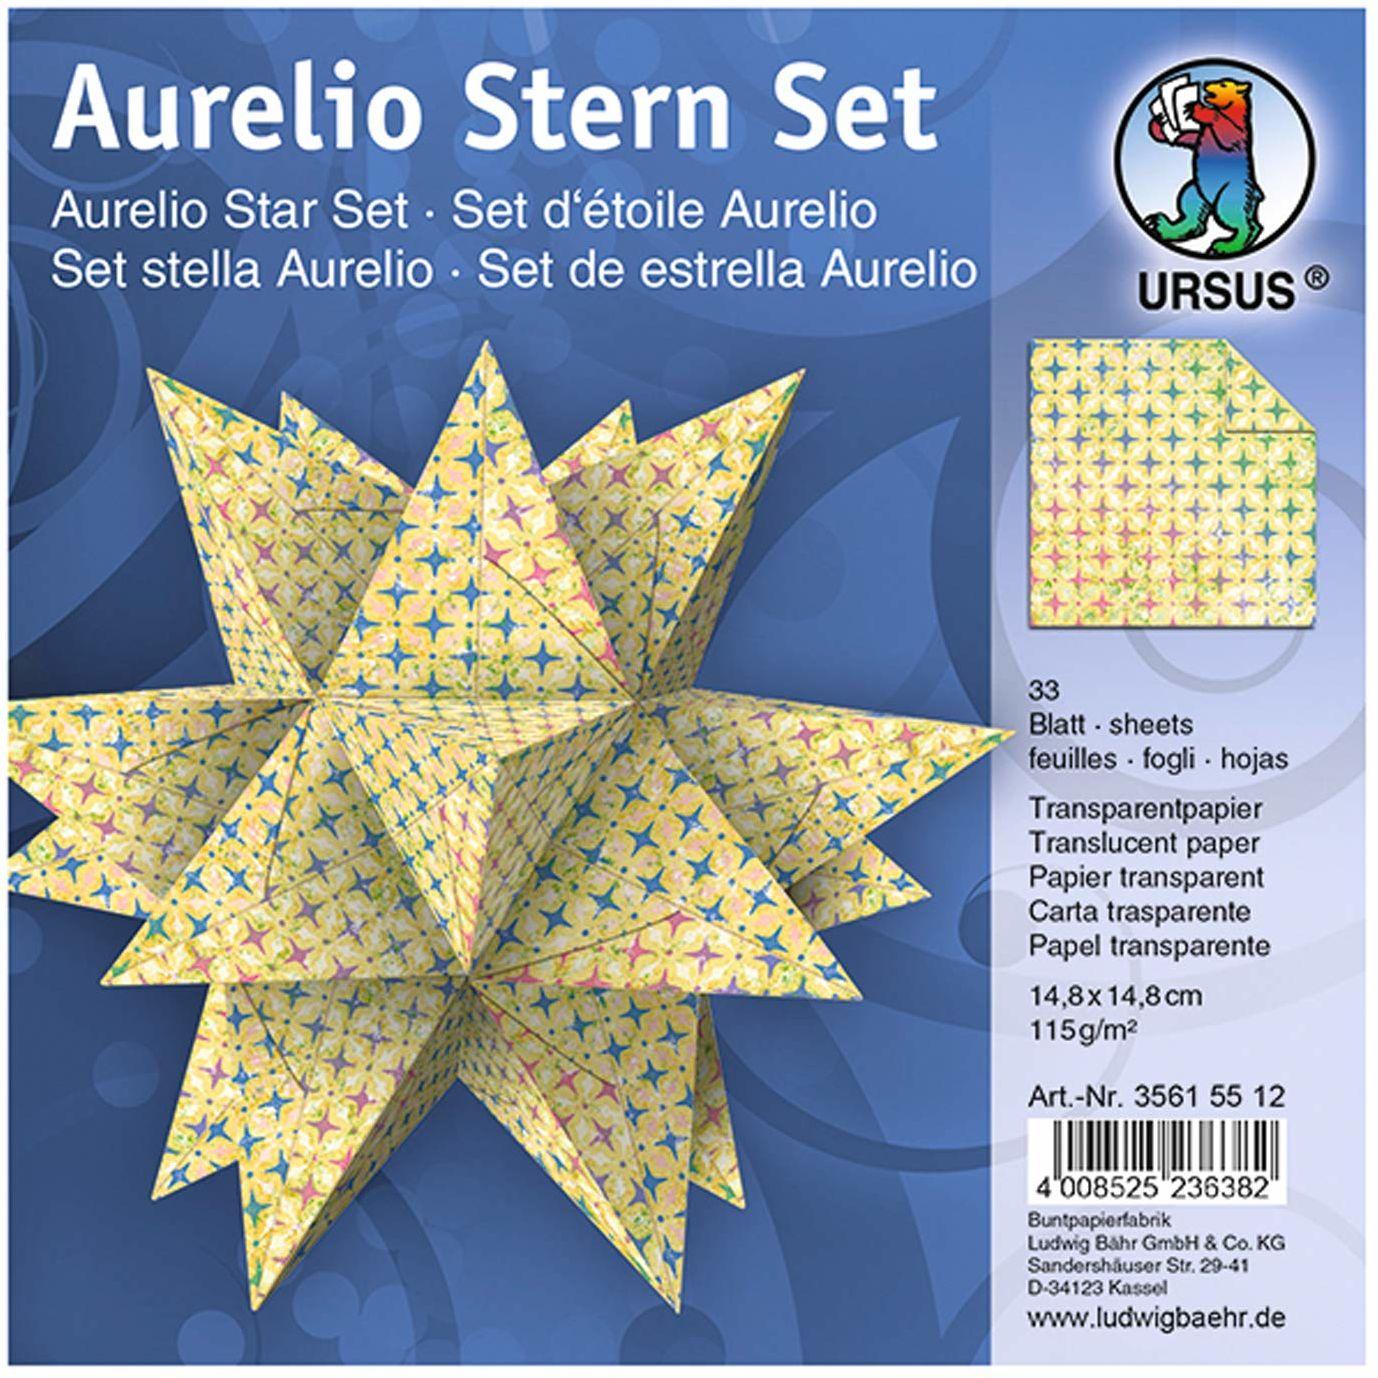 URSUS 35615512 - kartki składane Aurelio gwiazda Paradiso, 33 arkusze papieru przezroczystego po 14,8 x 14,8 cm, 115 g/m , zadrukowane jednostronnie, piękne papierowe gwiazdy na Boże Narodzenie, żółte